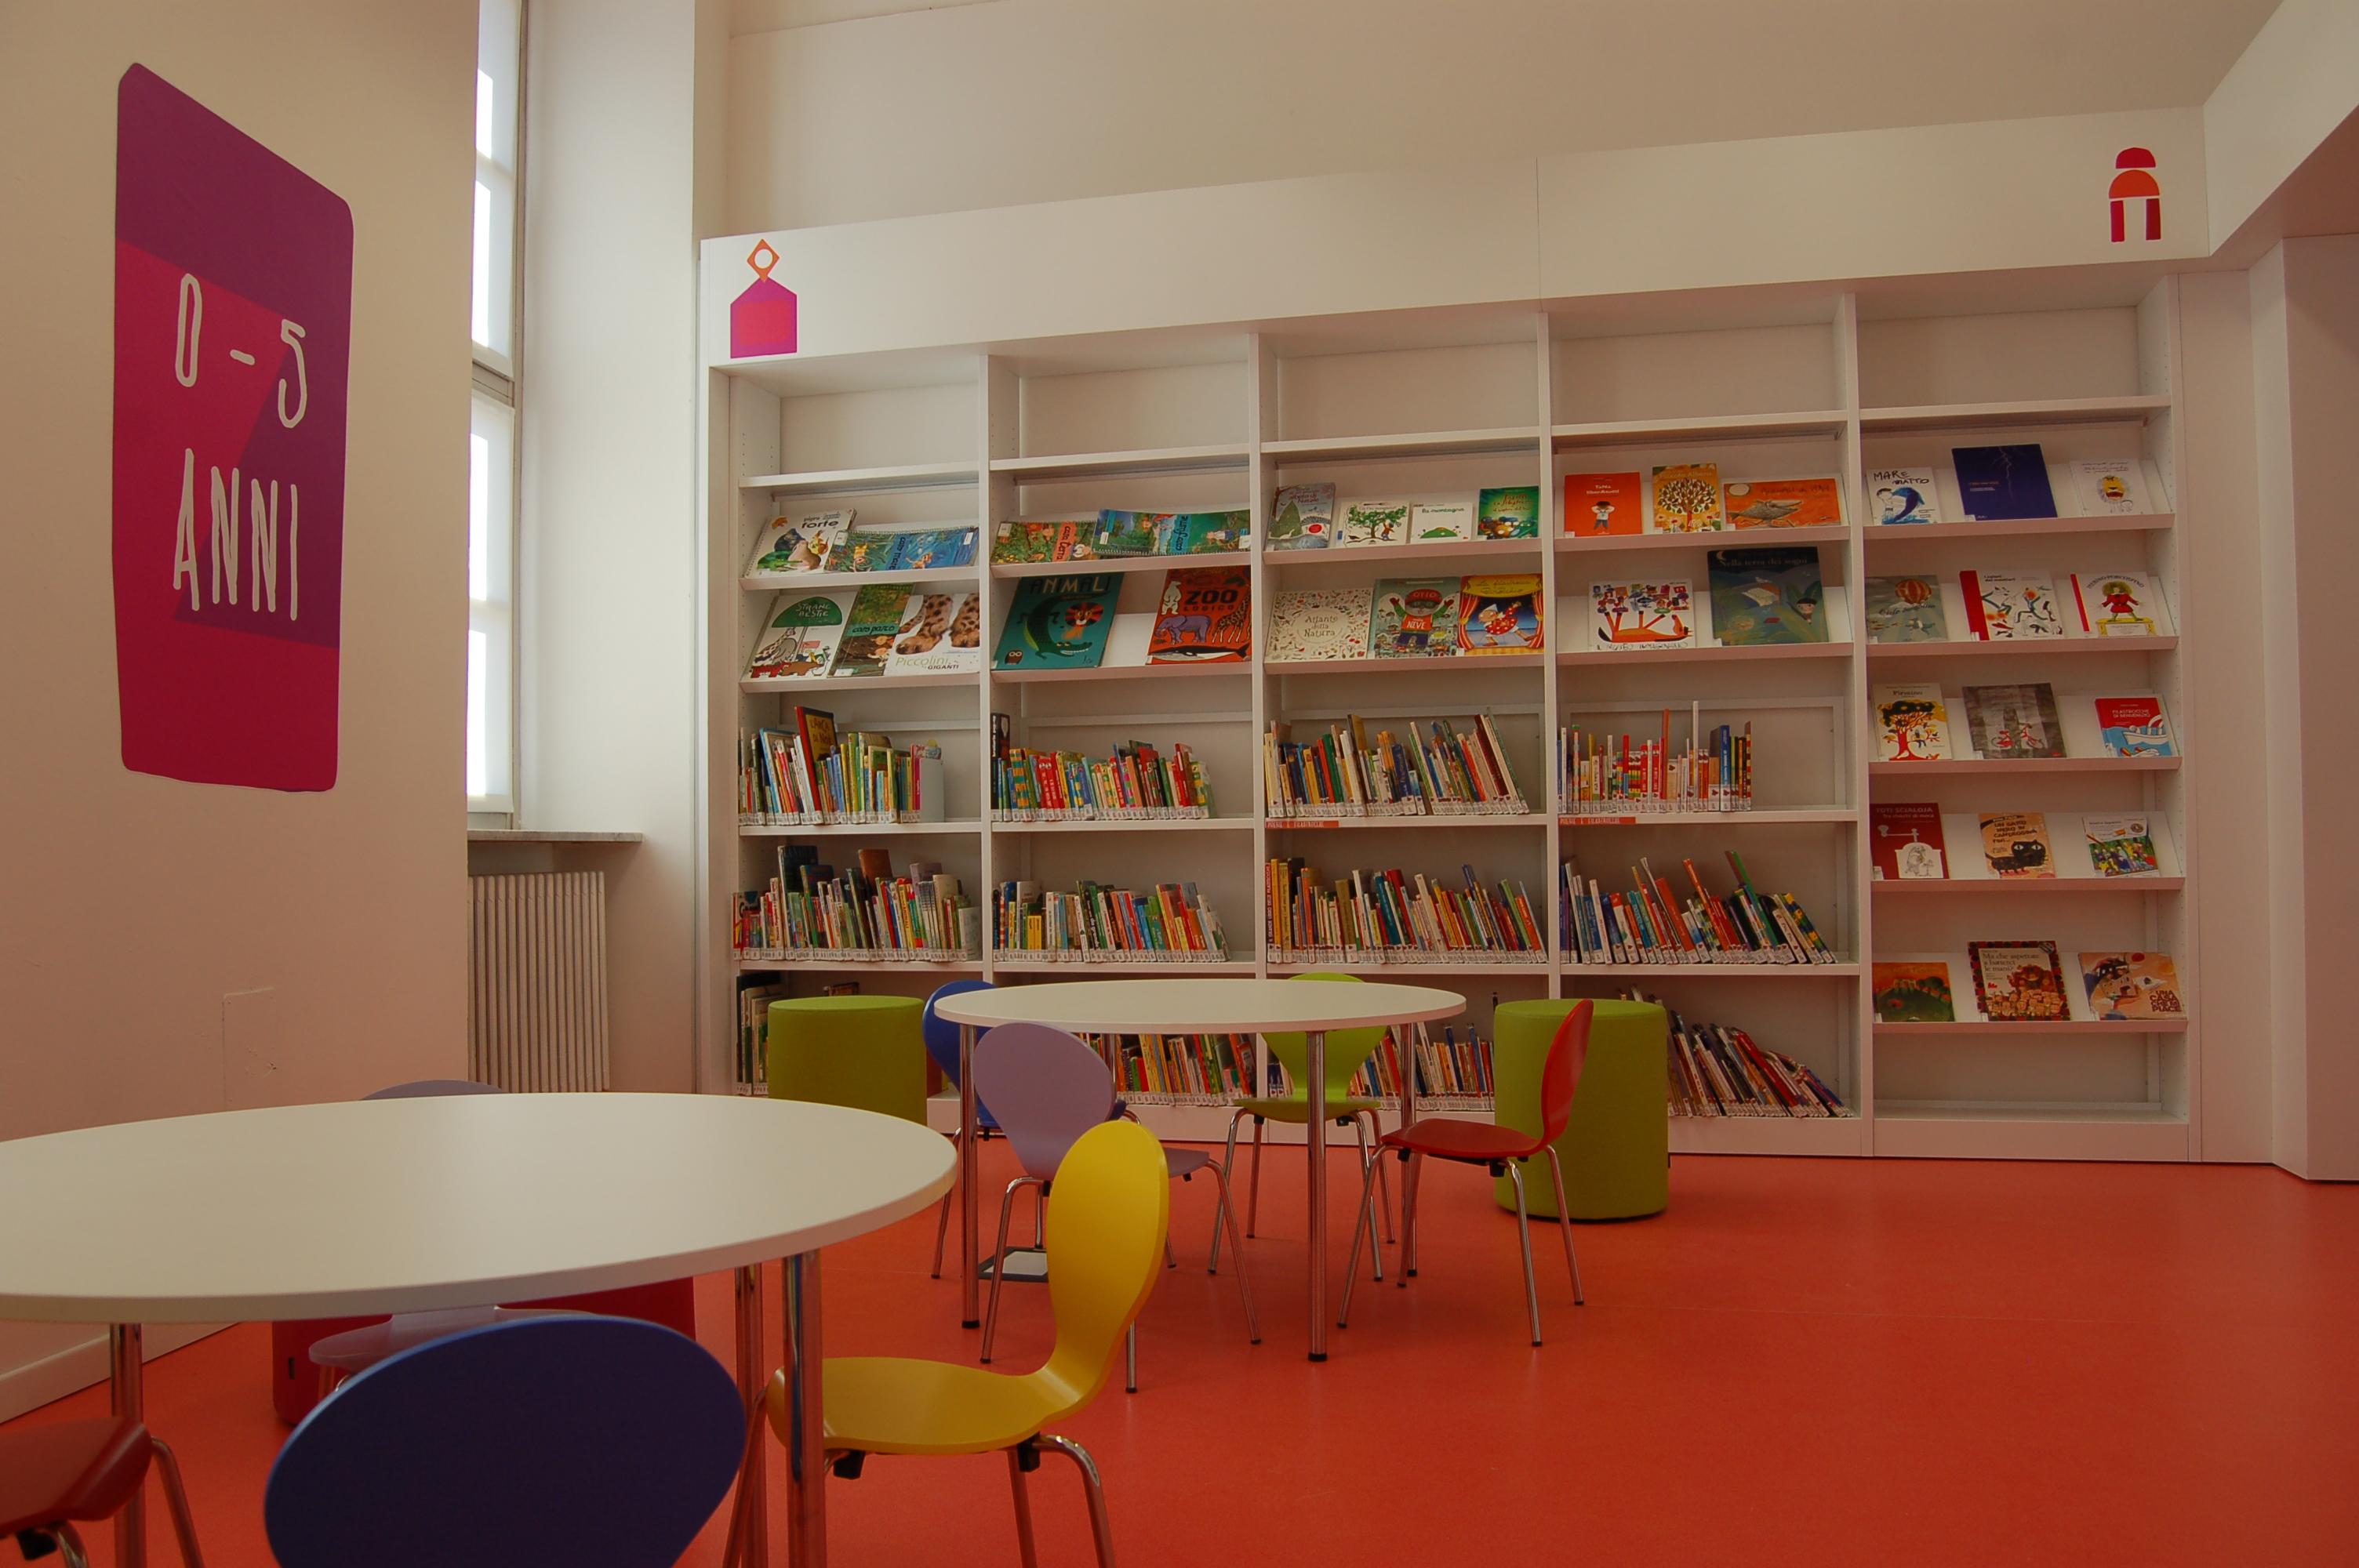 La Guida - Laboratori, letture, attività e spettacoli nella nuova biblioteca 0-18